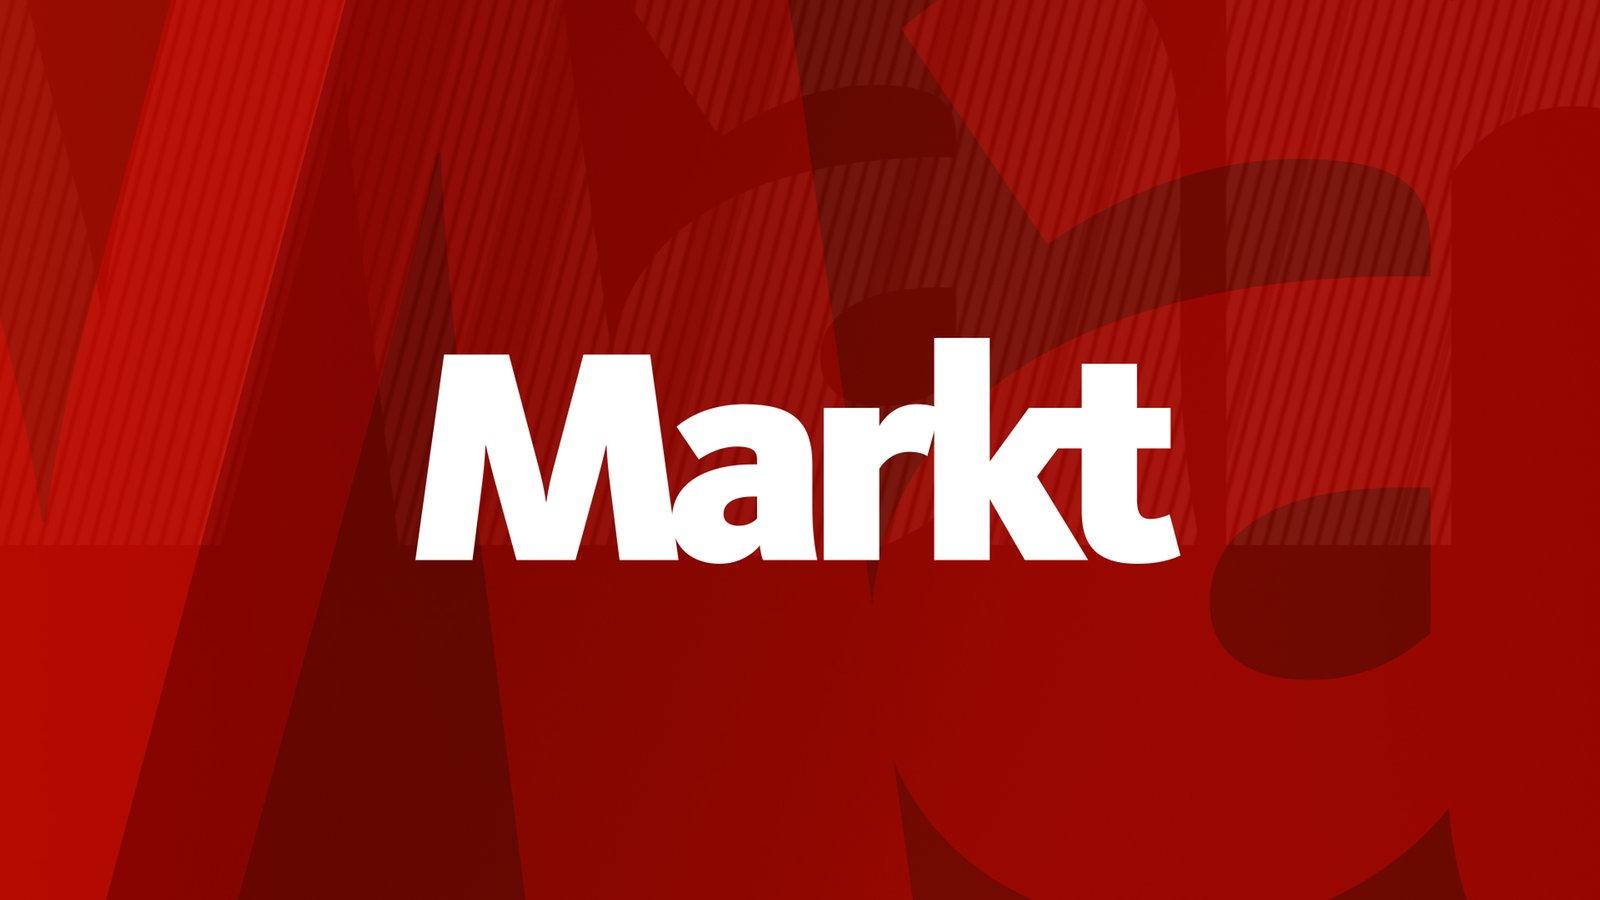 Markt Wdr